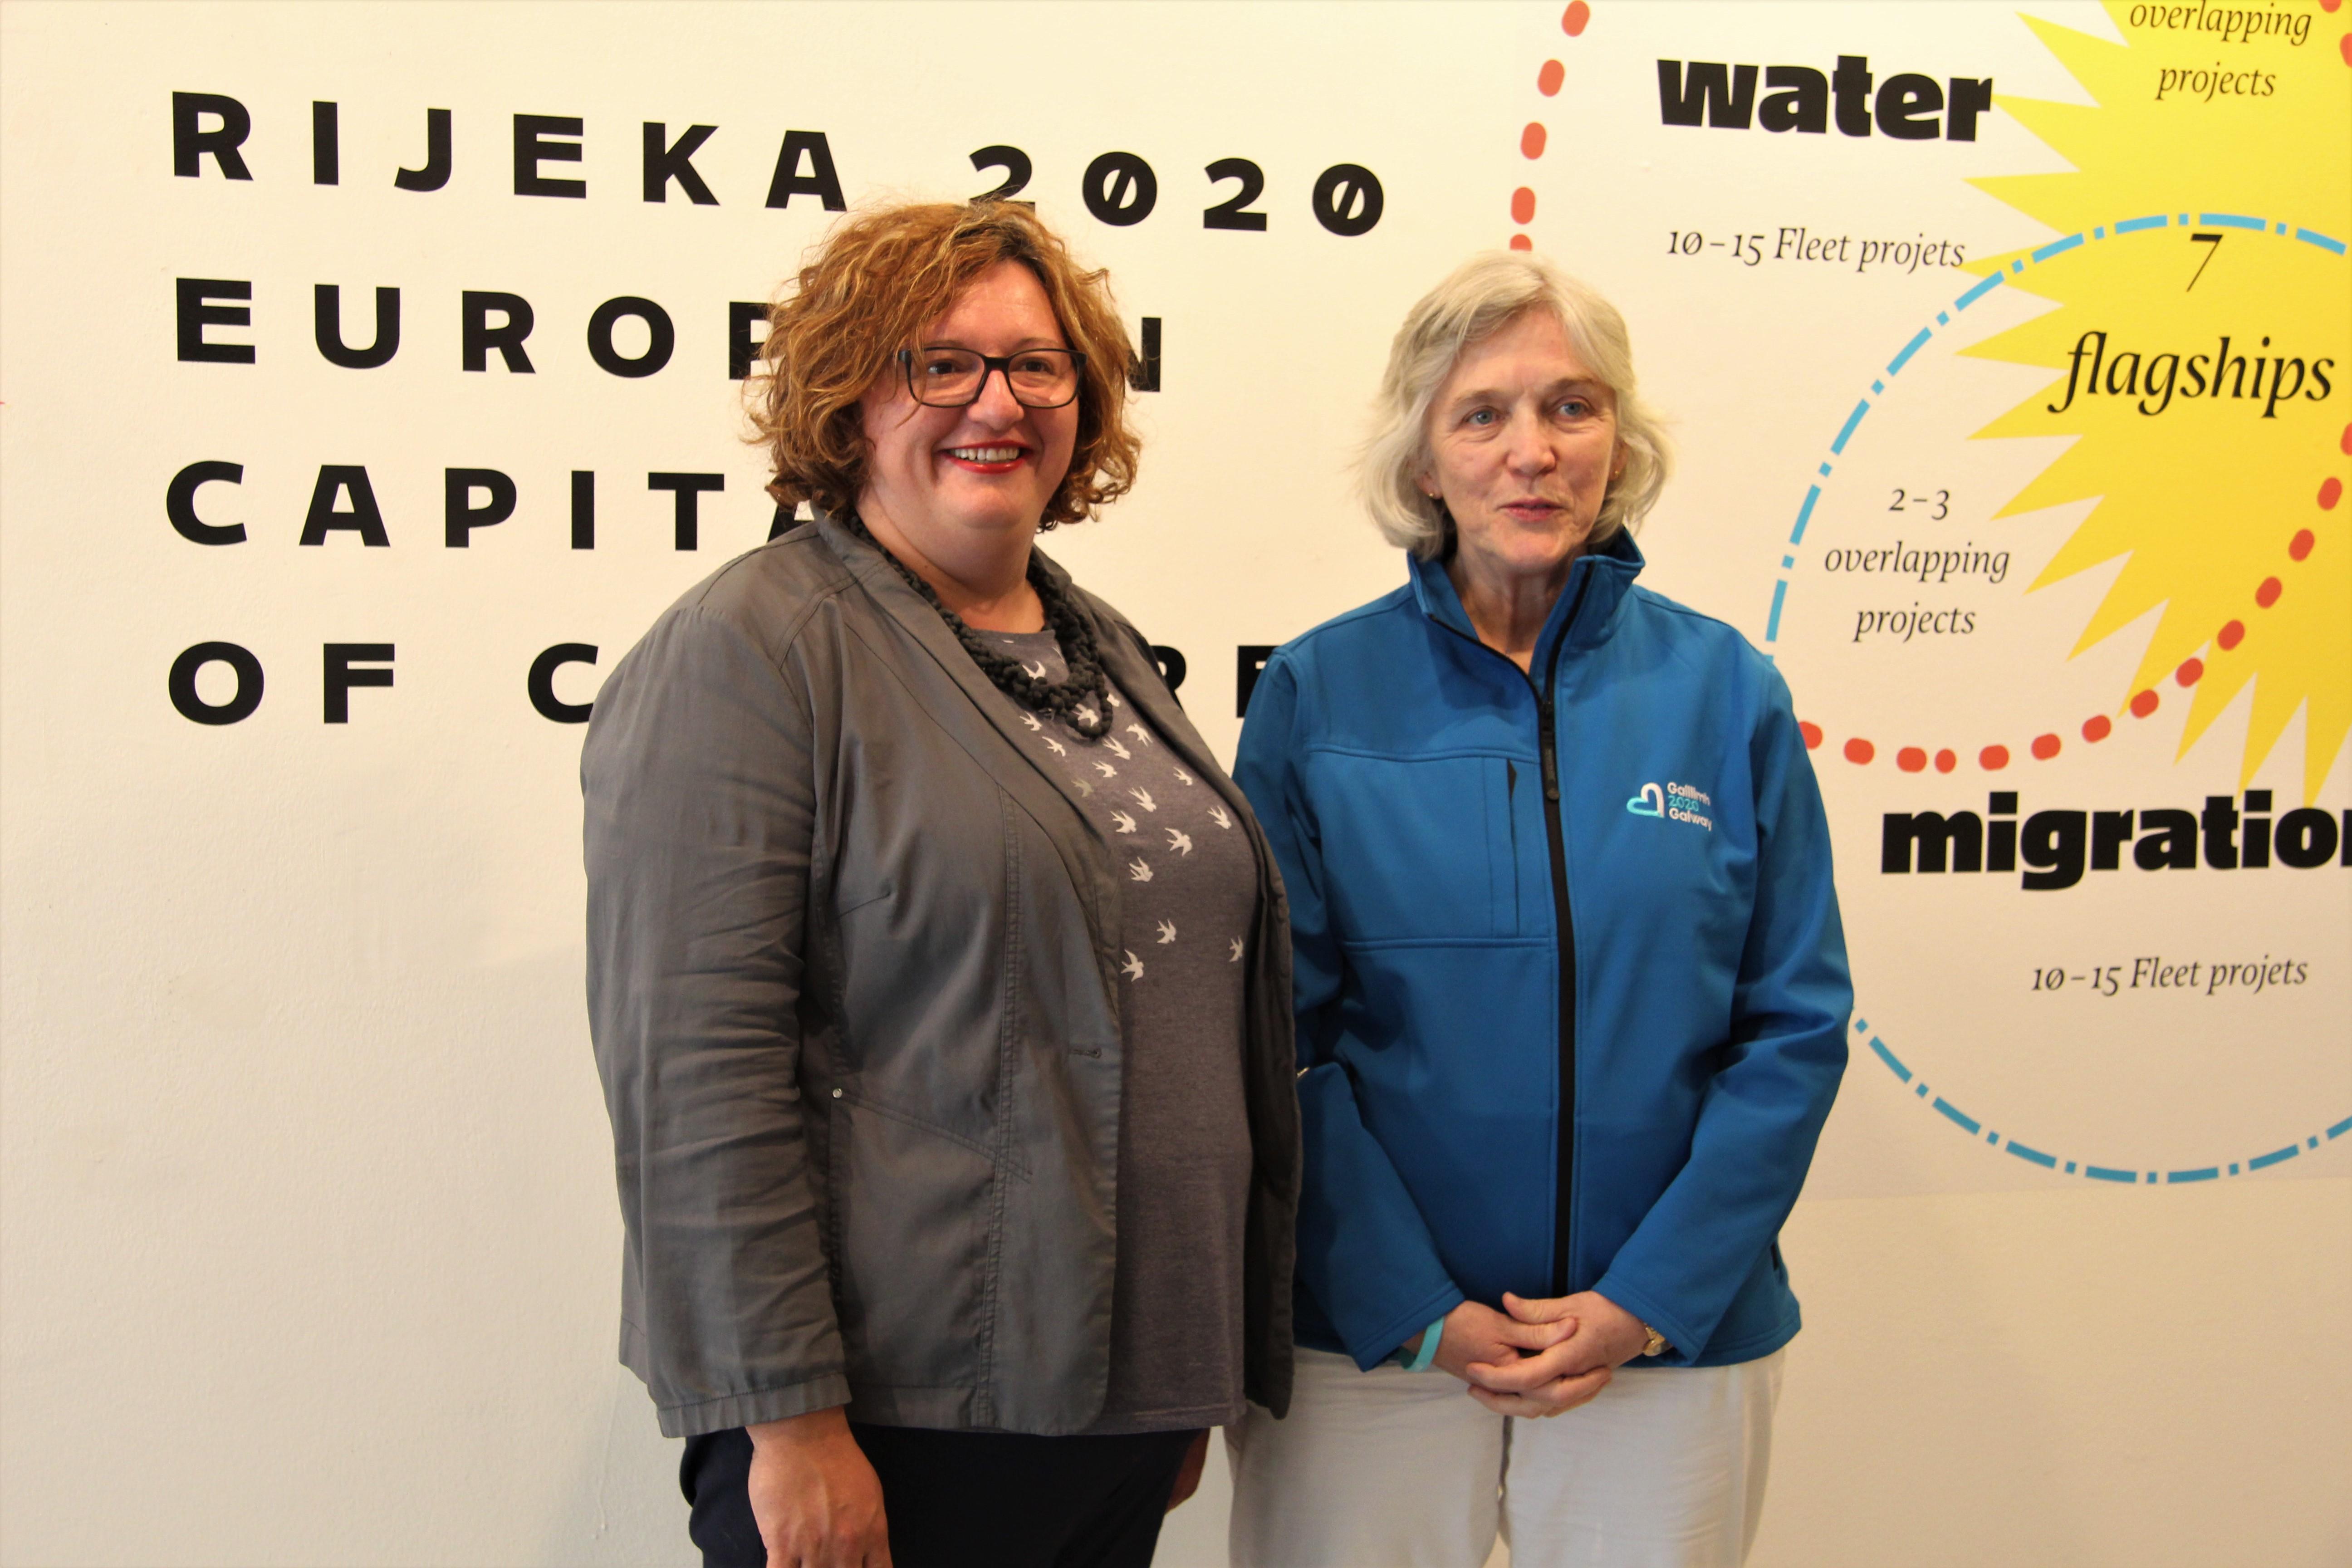 Rijeku posjetila delegacija Galwaya 2020 – Europske prijestolnice kulture: Rijeka i Galway na putu prema 2020 – zajedno!